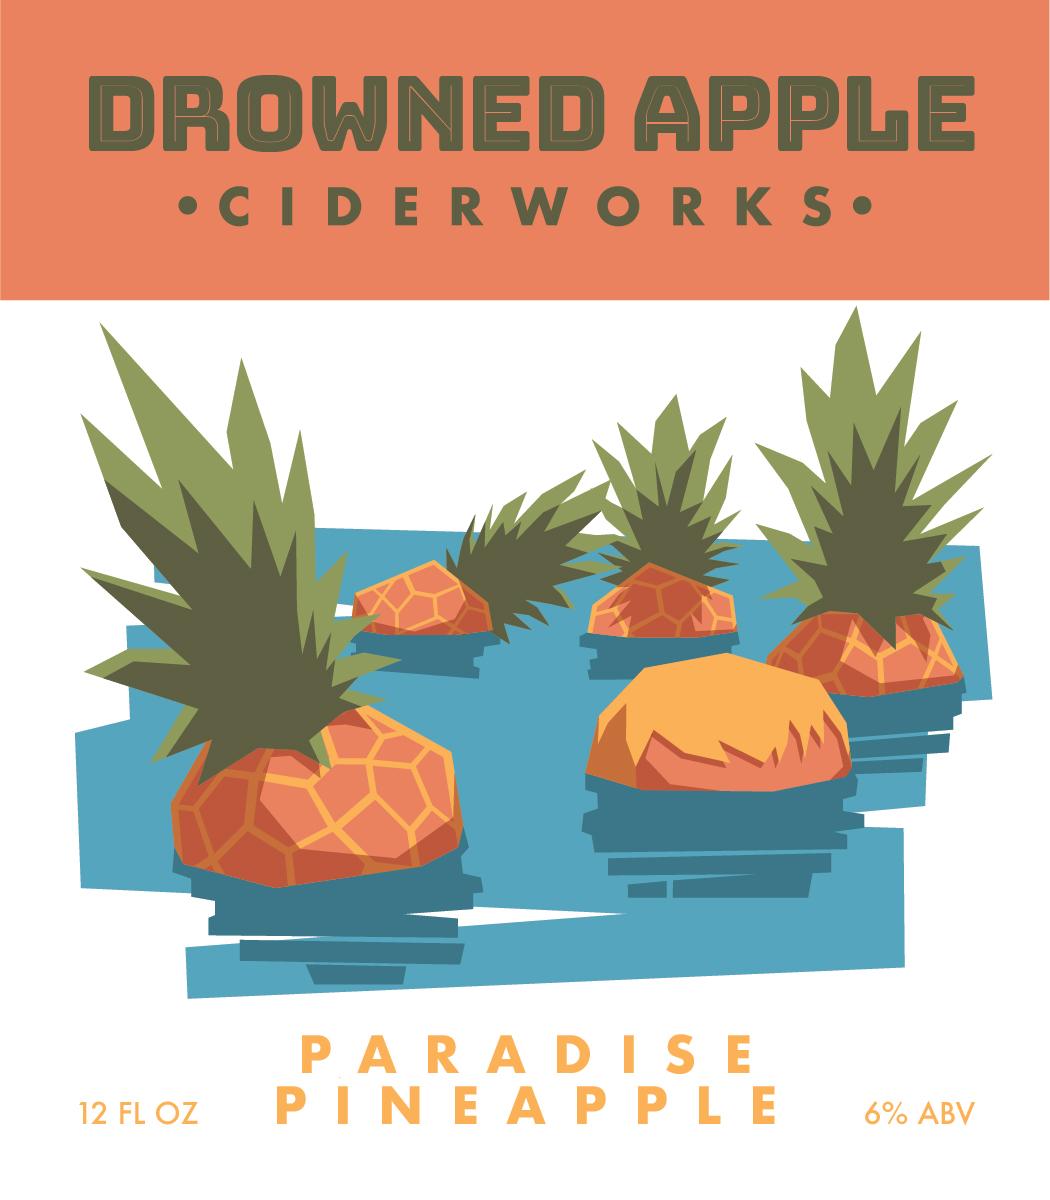 Drowned Apple2.jpg